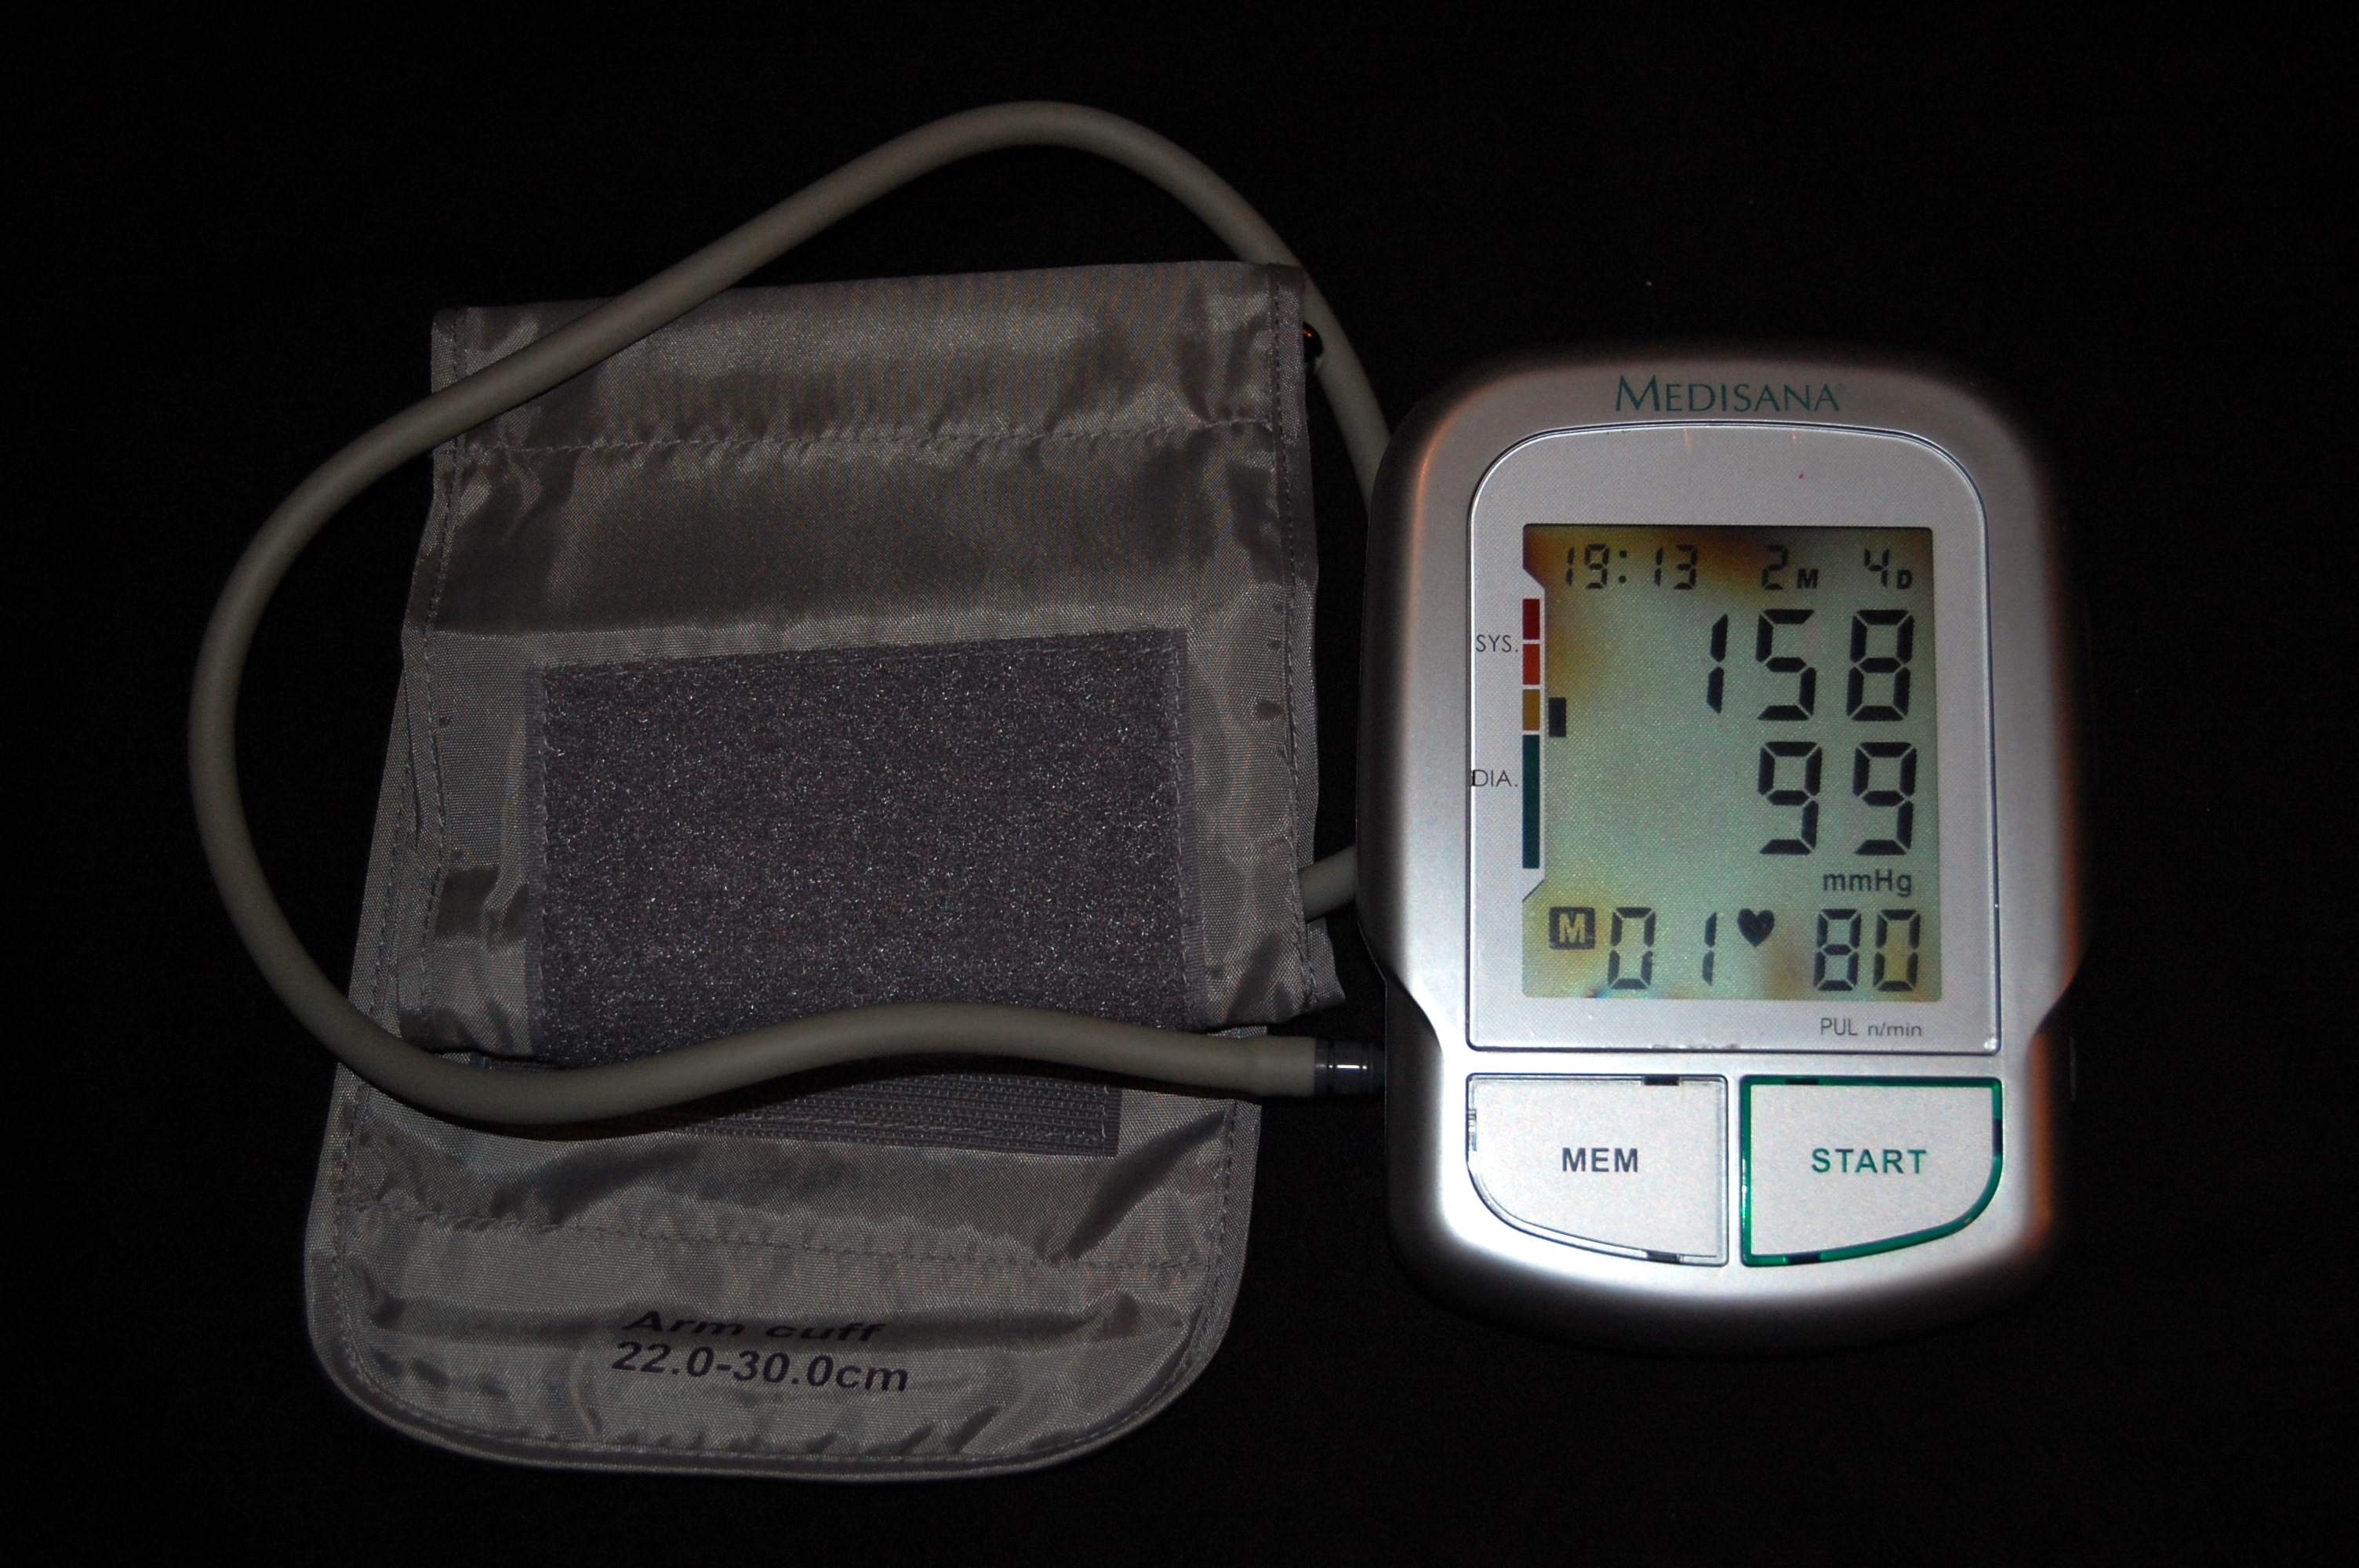 ارتفاع ضغط الدم ويكيبيديا